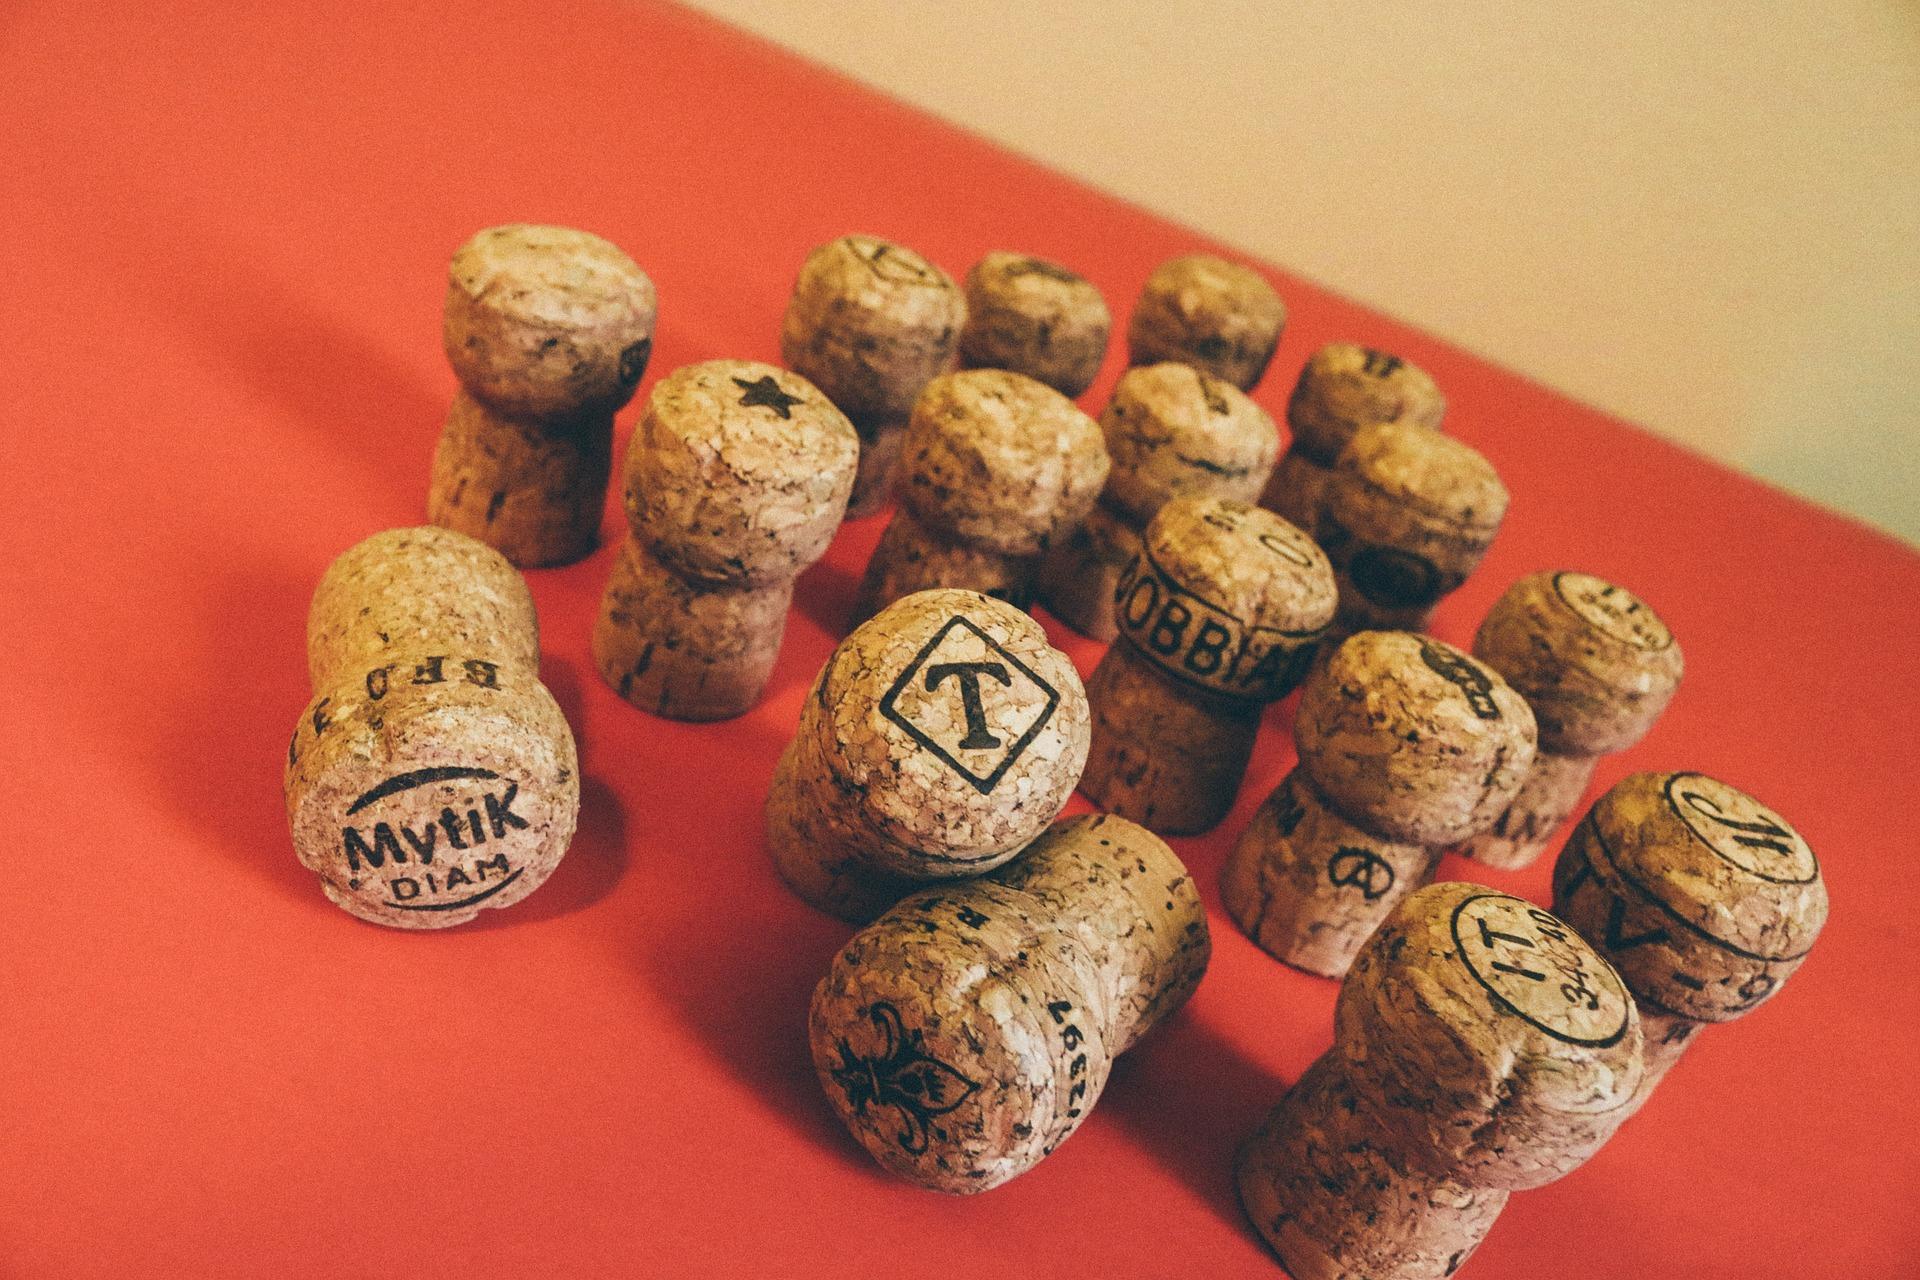 Comment s'appelle un collectionneur de capsules de champagne ?